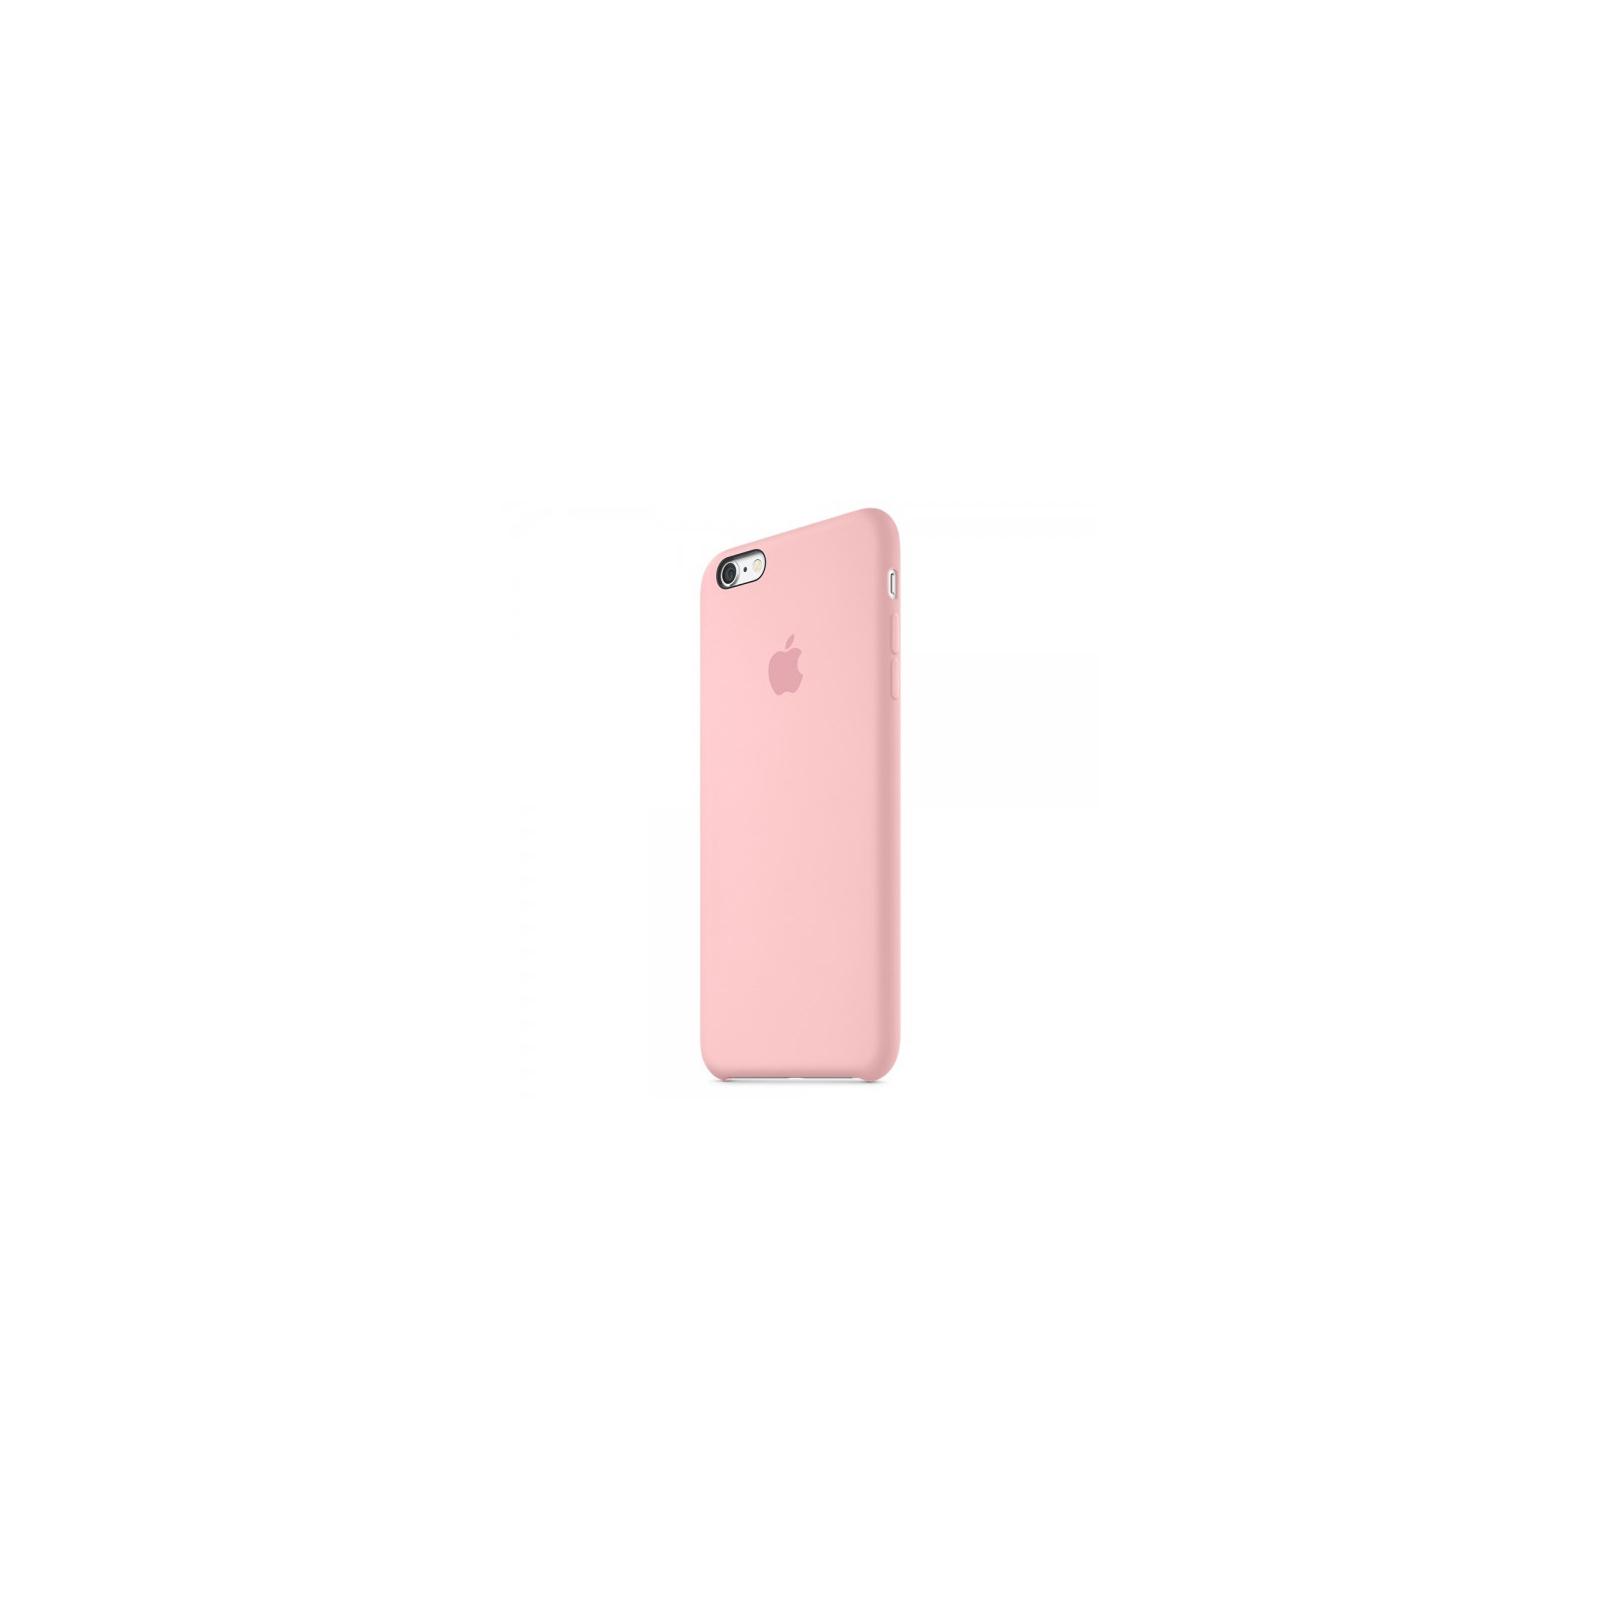 Чехол для моб. телефона Apple для iPhone 6 Plus/6s Plus Pink (MLCY2ZM/A) изображение 2